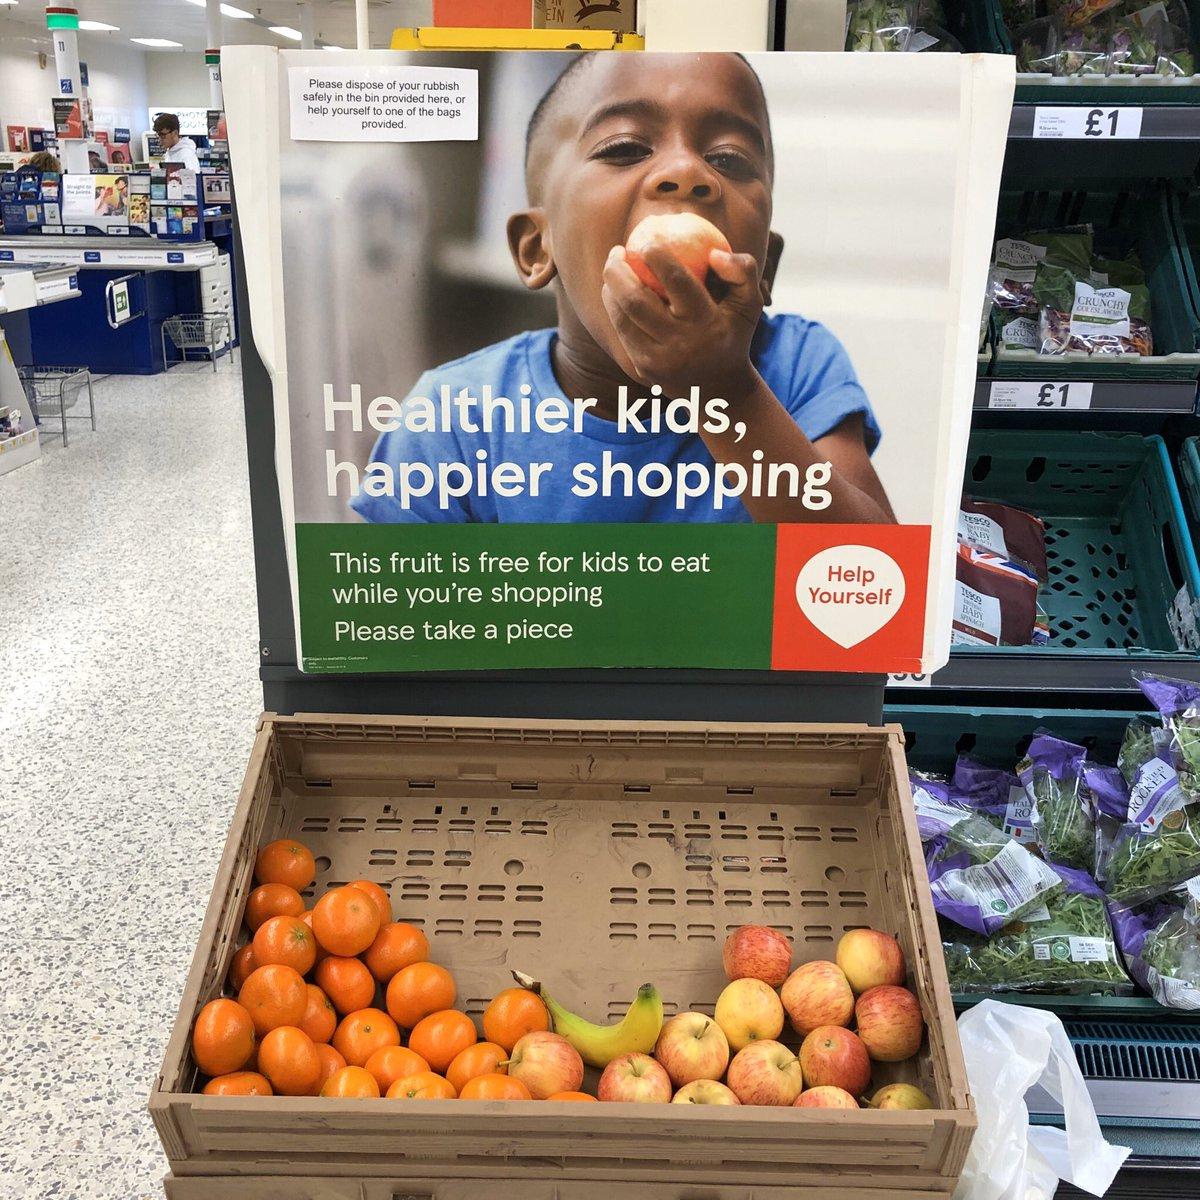 Ziemlich cool finde ich, dass es in vielen schottischen Supermärkten…